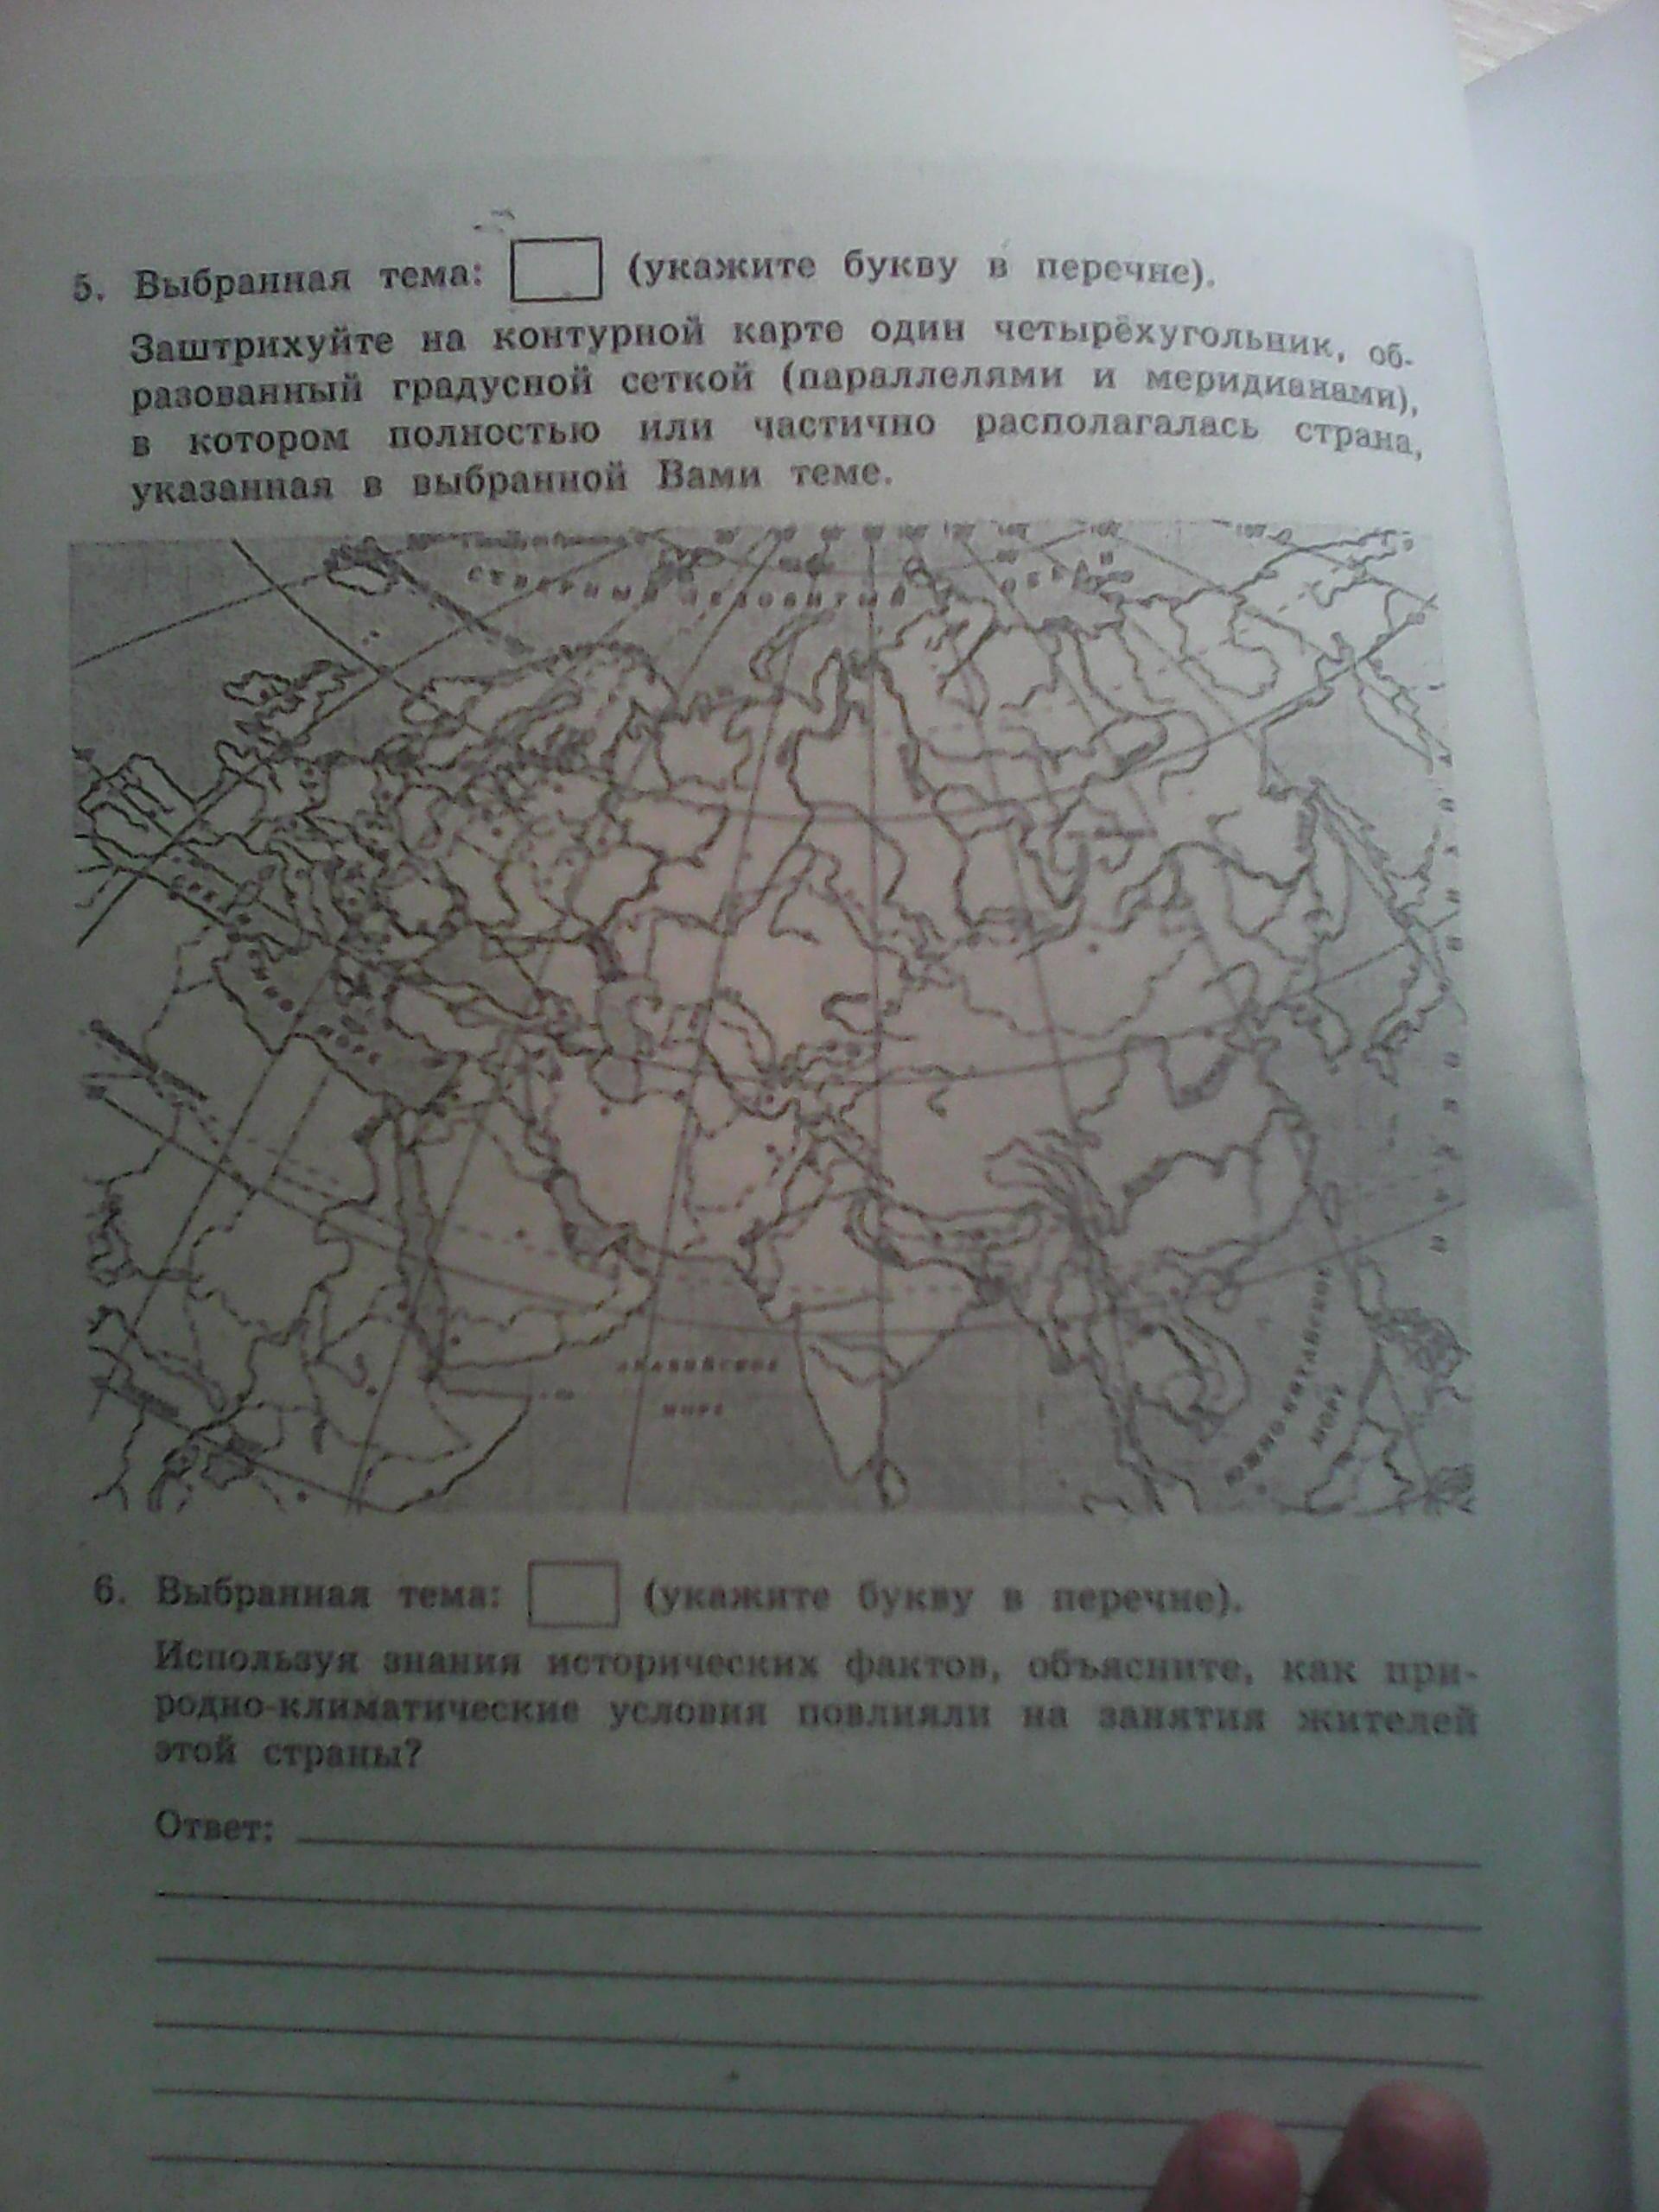 Заштрихуйте на контурной карте один четырёхугольник,в котором полностью или частично располагалась Древняя Греция.